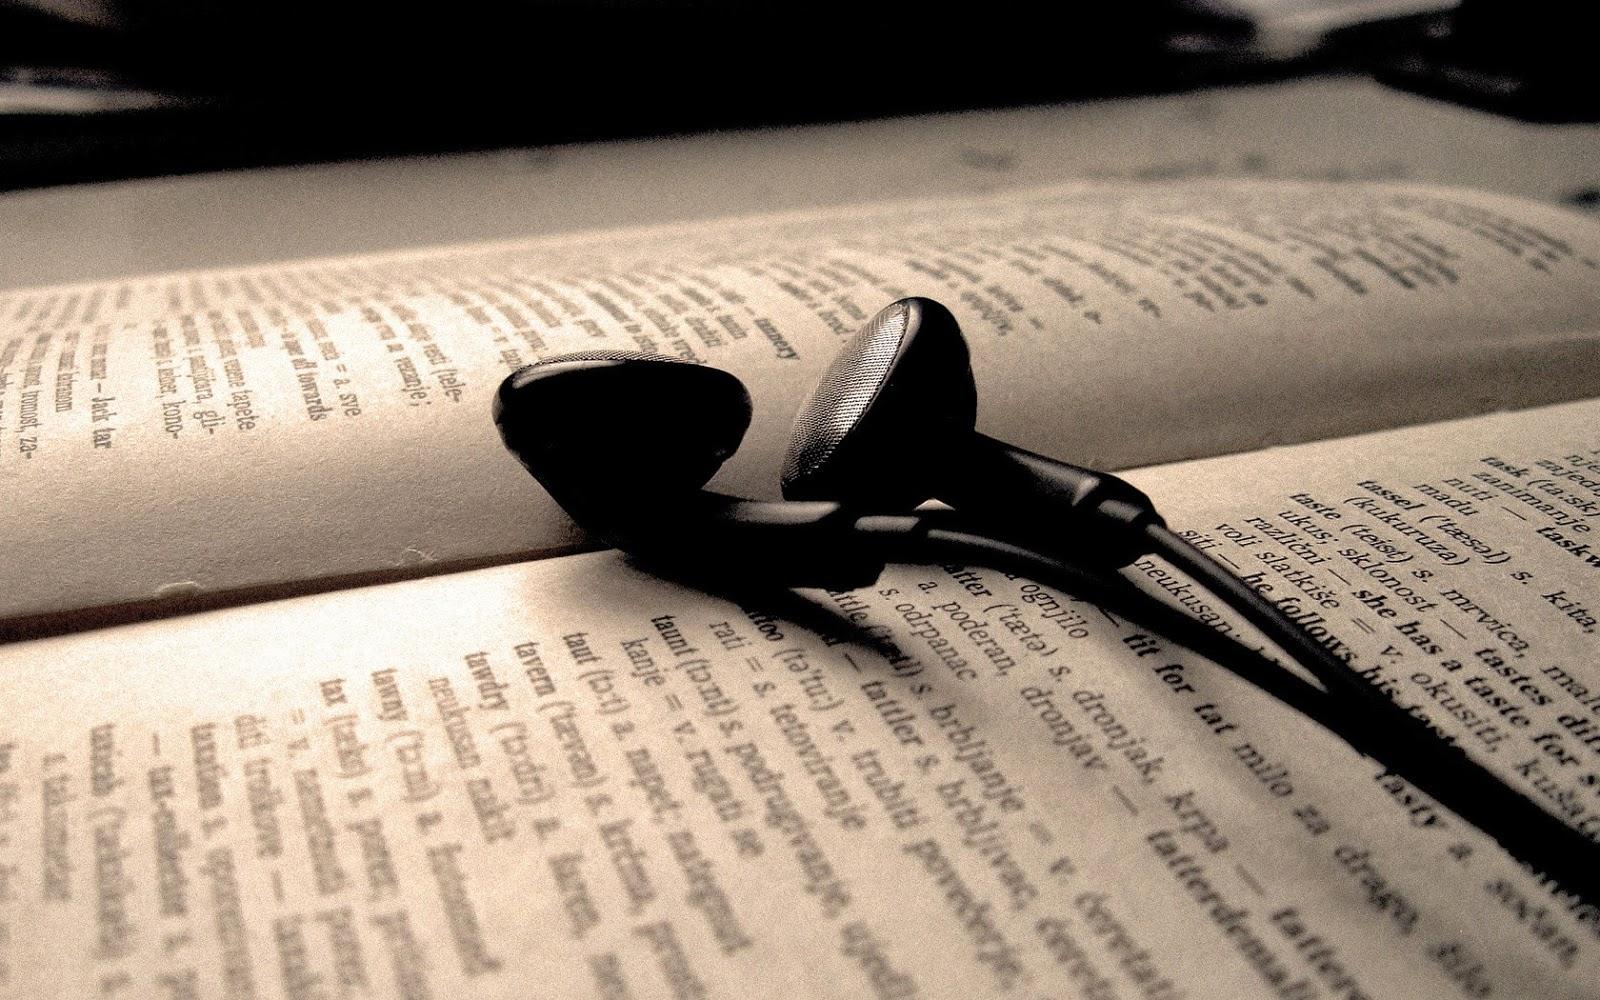 Música y literatura, dos placeres sencillos al alcance de todos